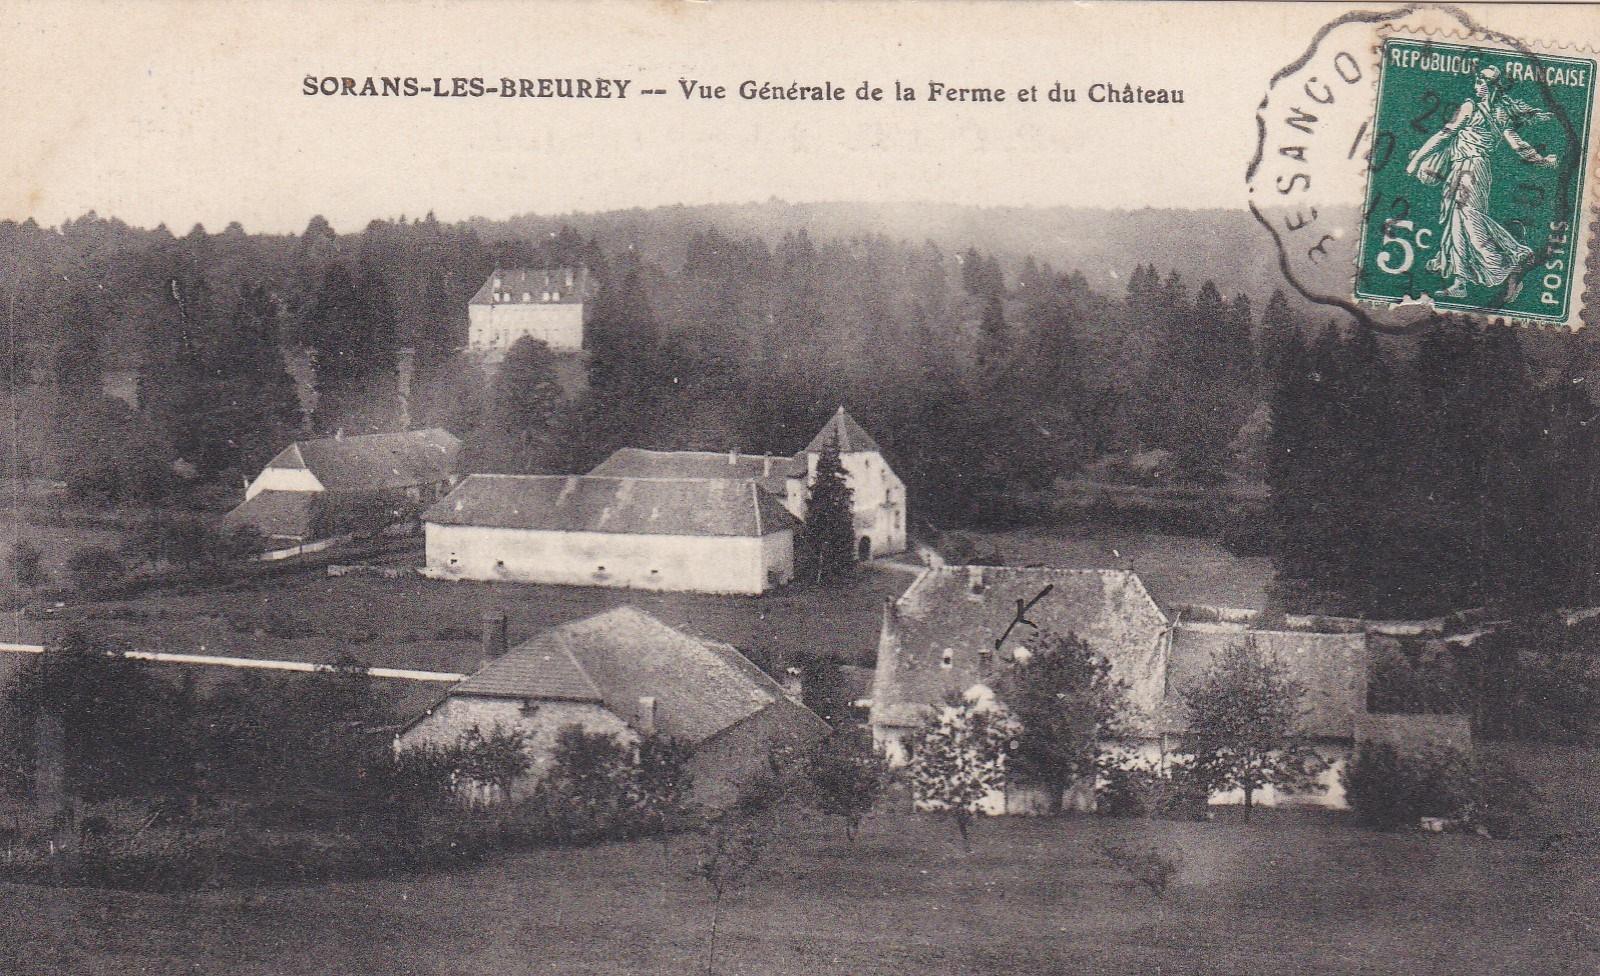 chateau-maison-forte-et-fermes